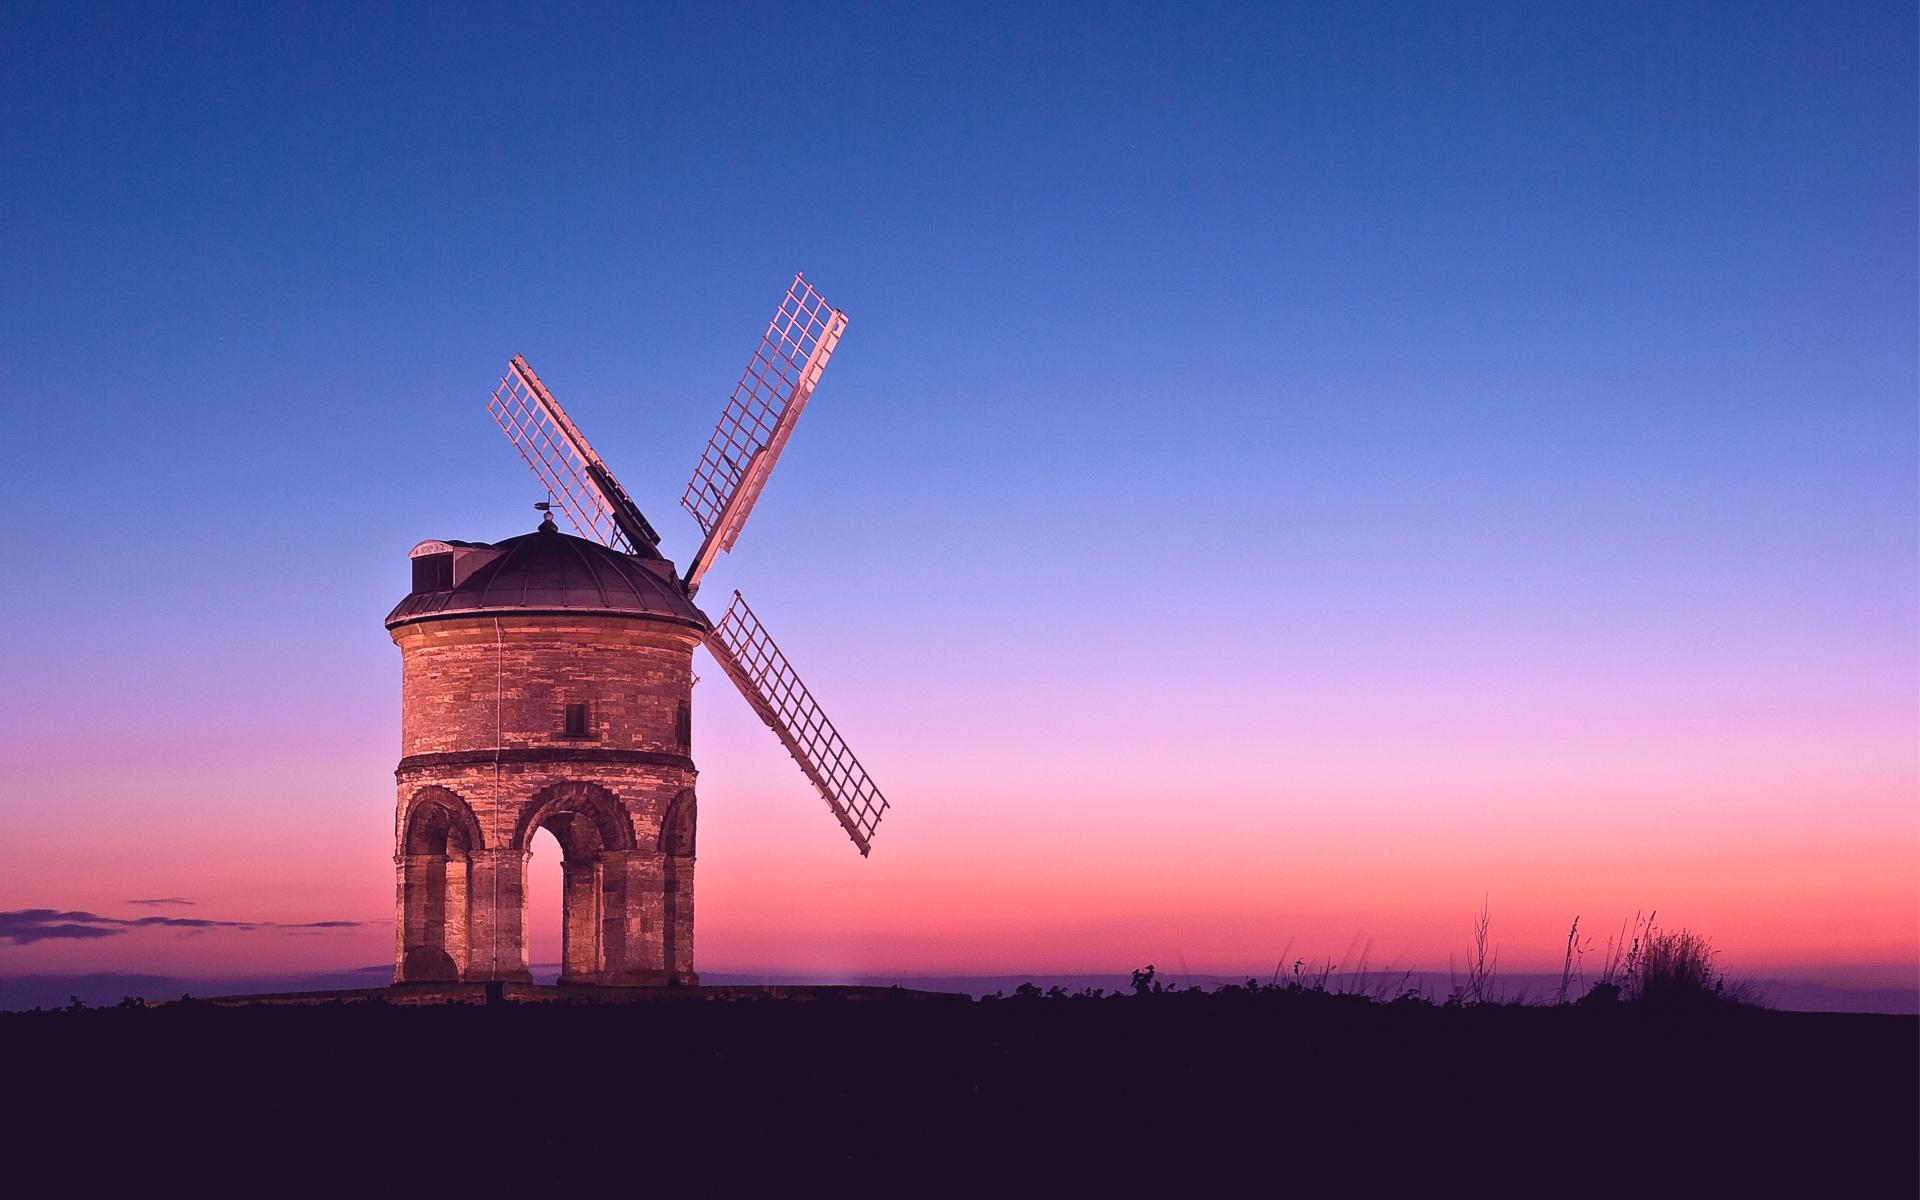 мельница розовый закат